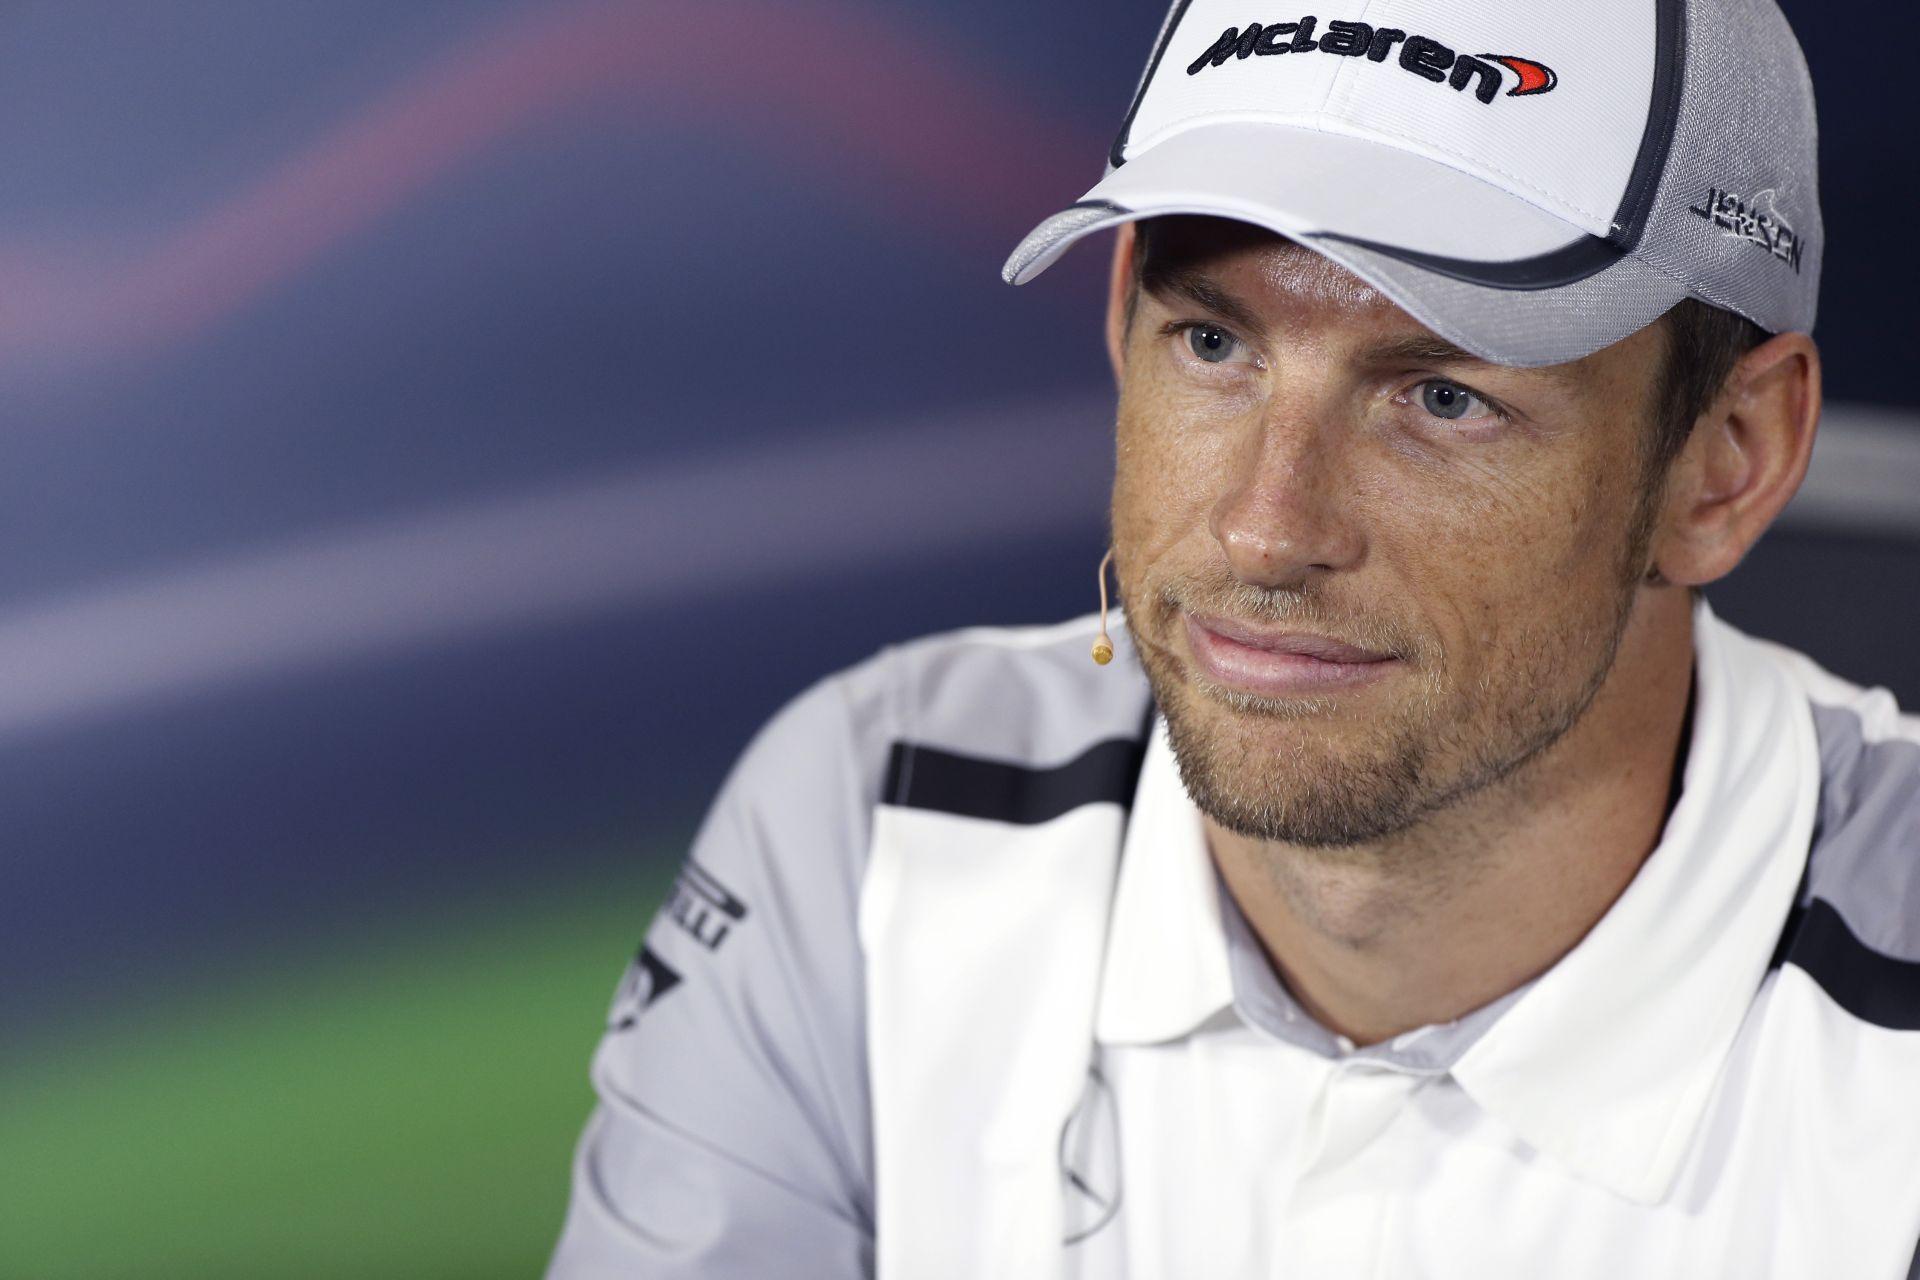 Button nem akar visszavonulni, de nem zárja ki a lehetőséget